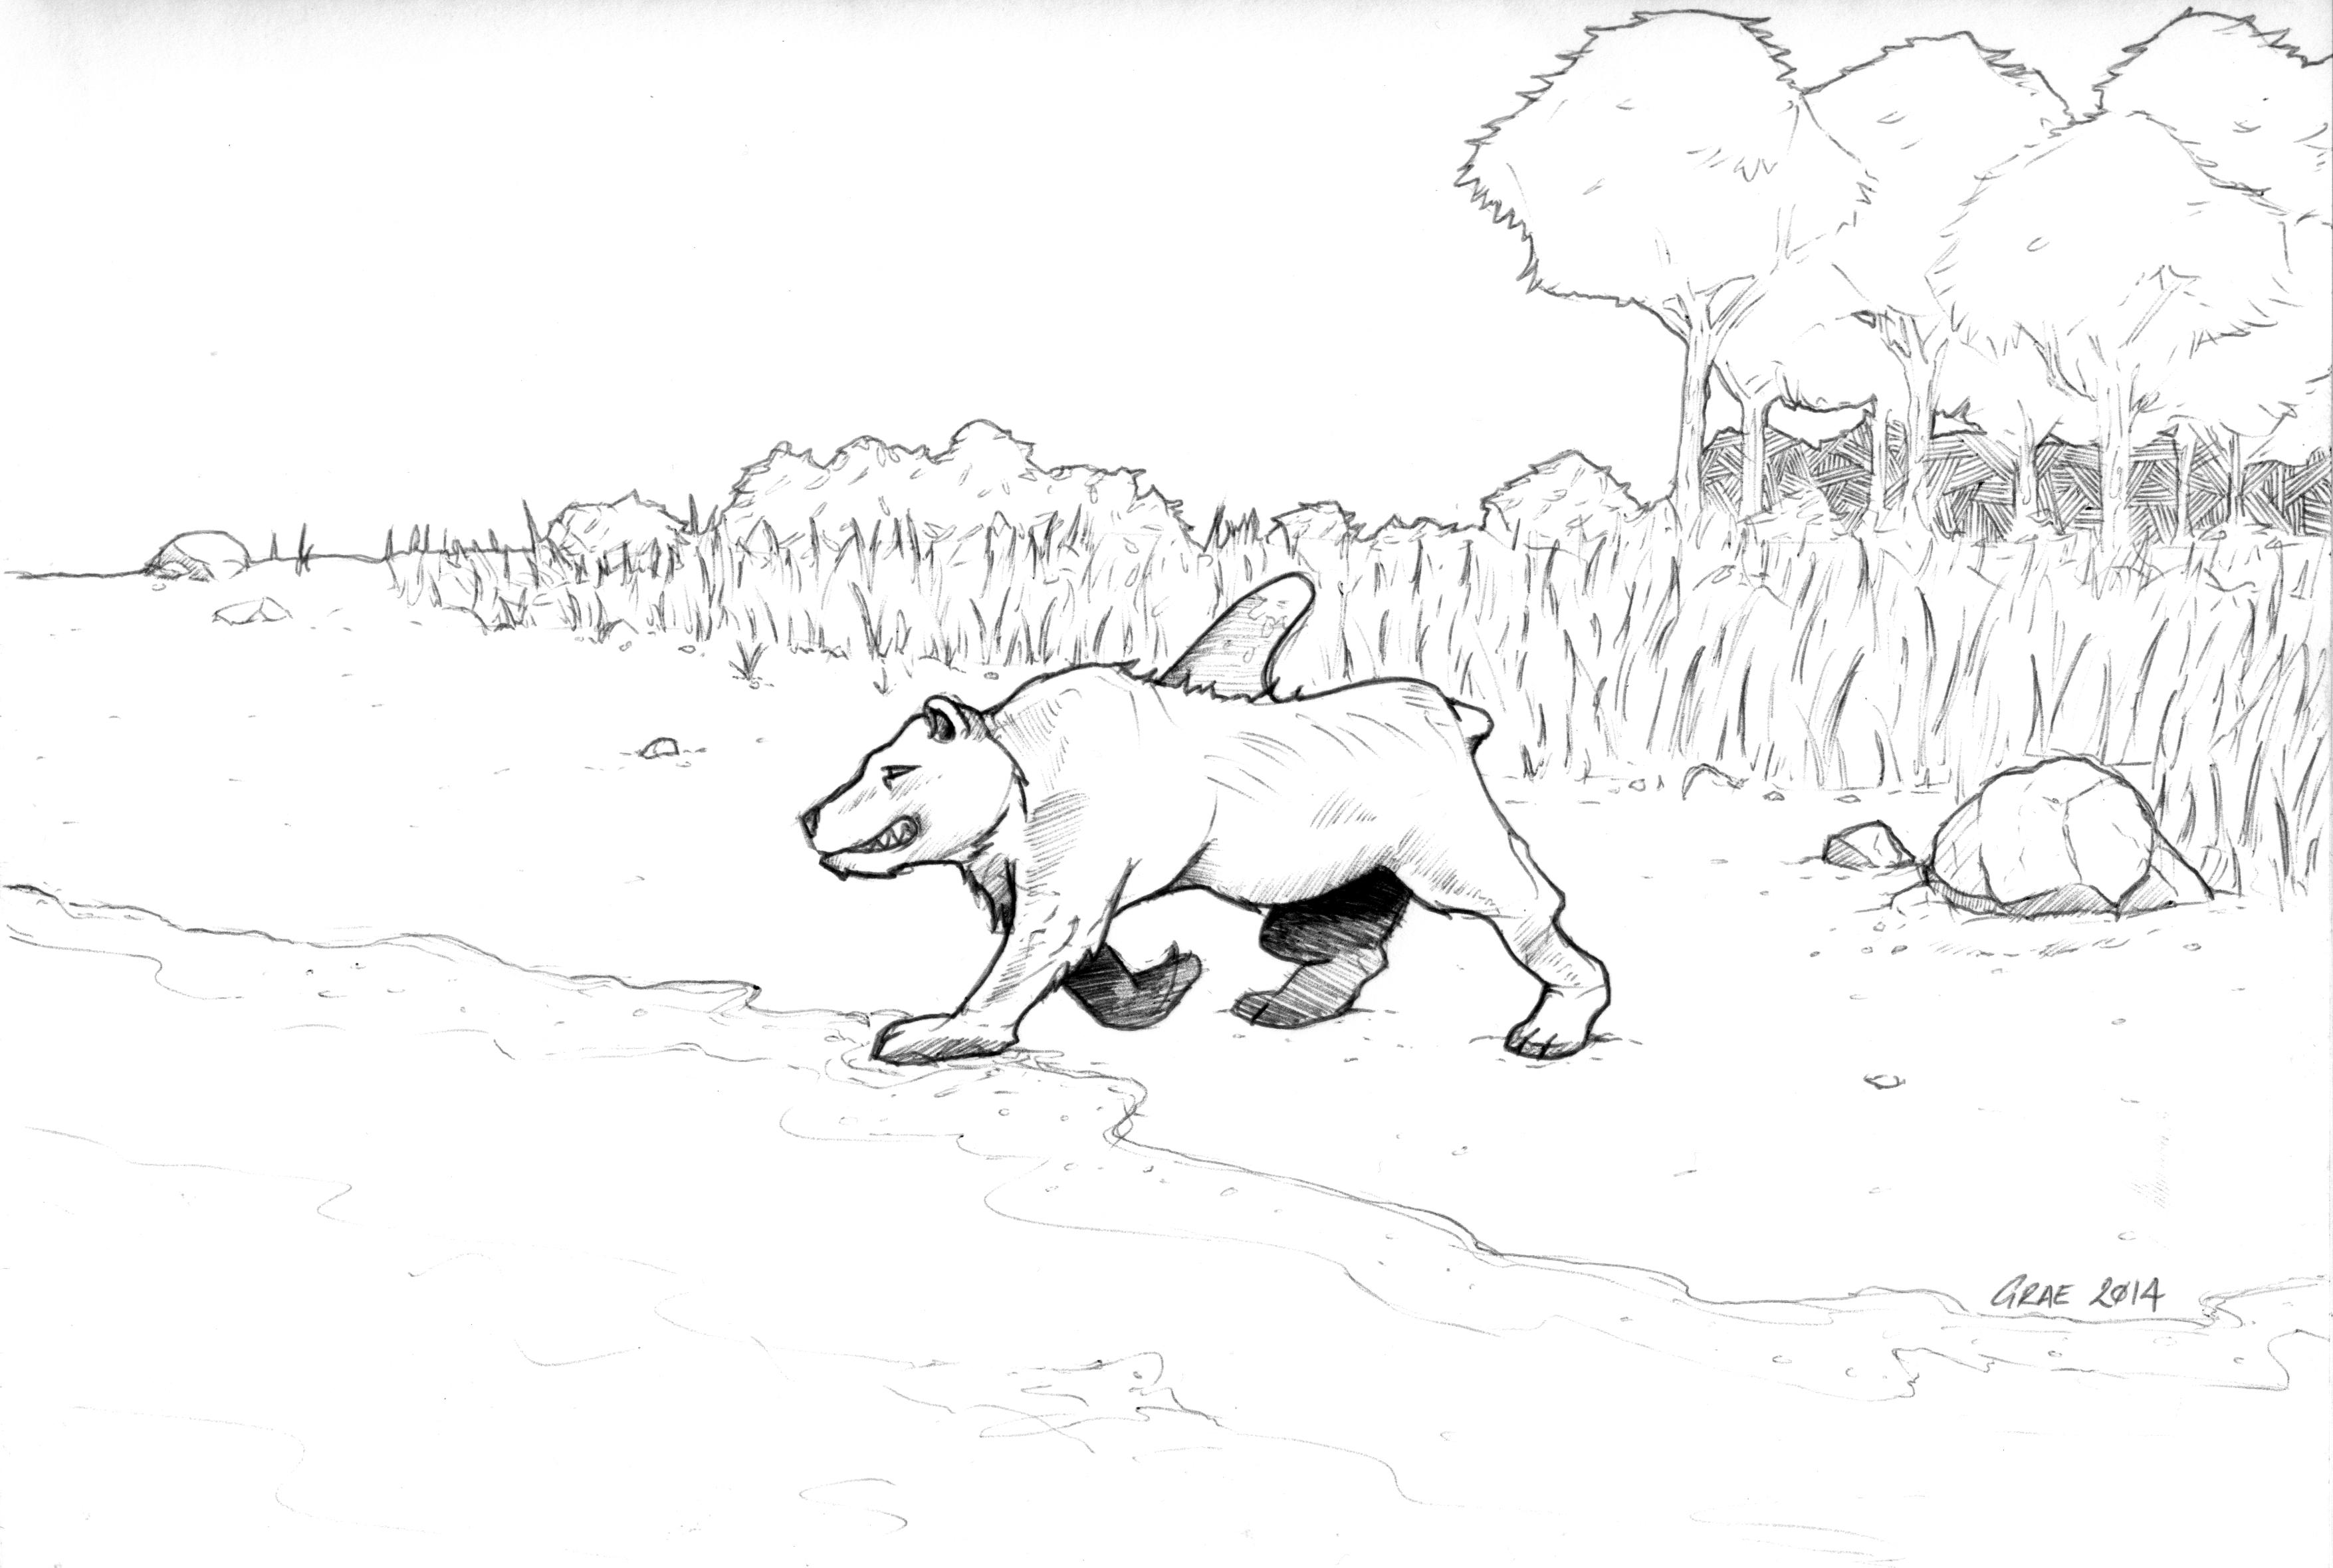 Bearshark goes for a swim